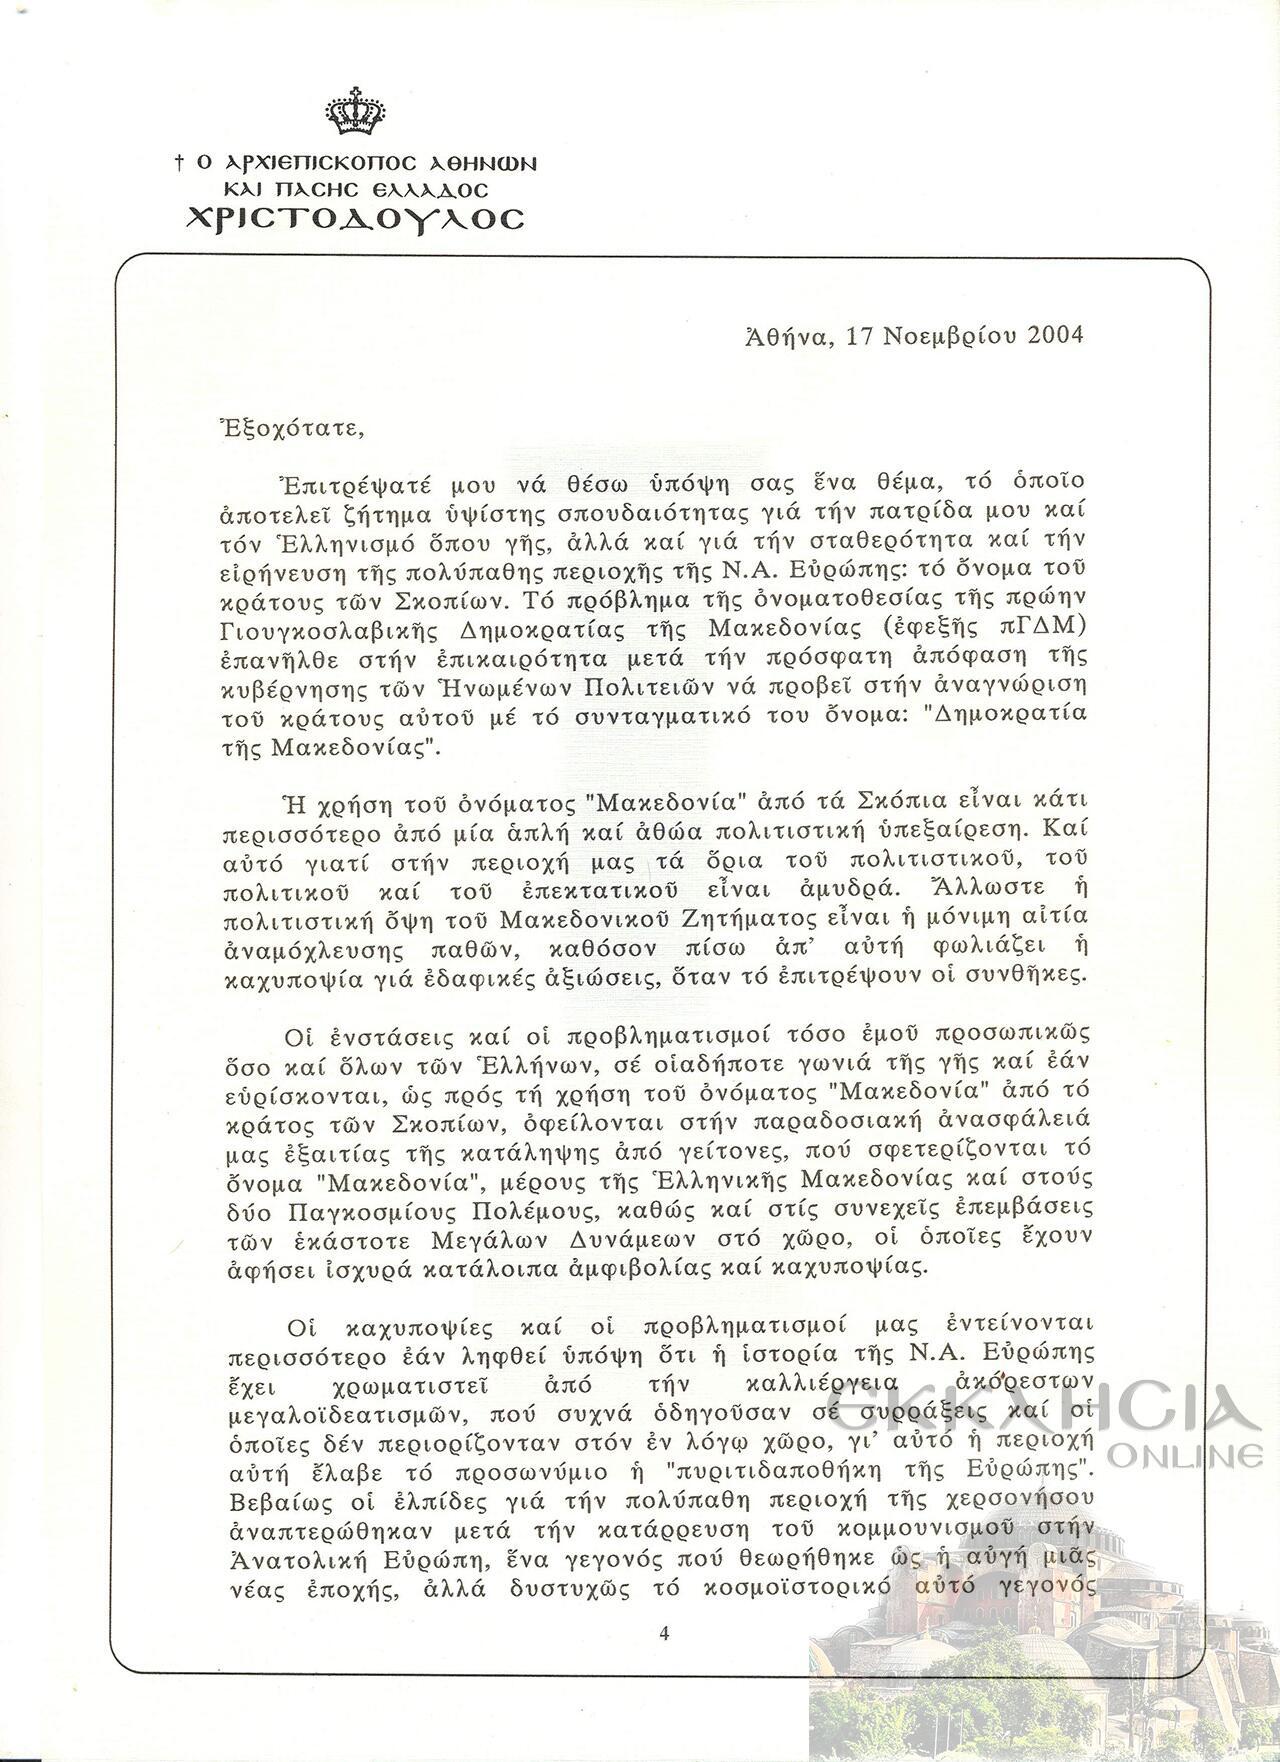 επιστολή Αρχιεκισκόπου Χριστόδουλου σελίδα 4